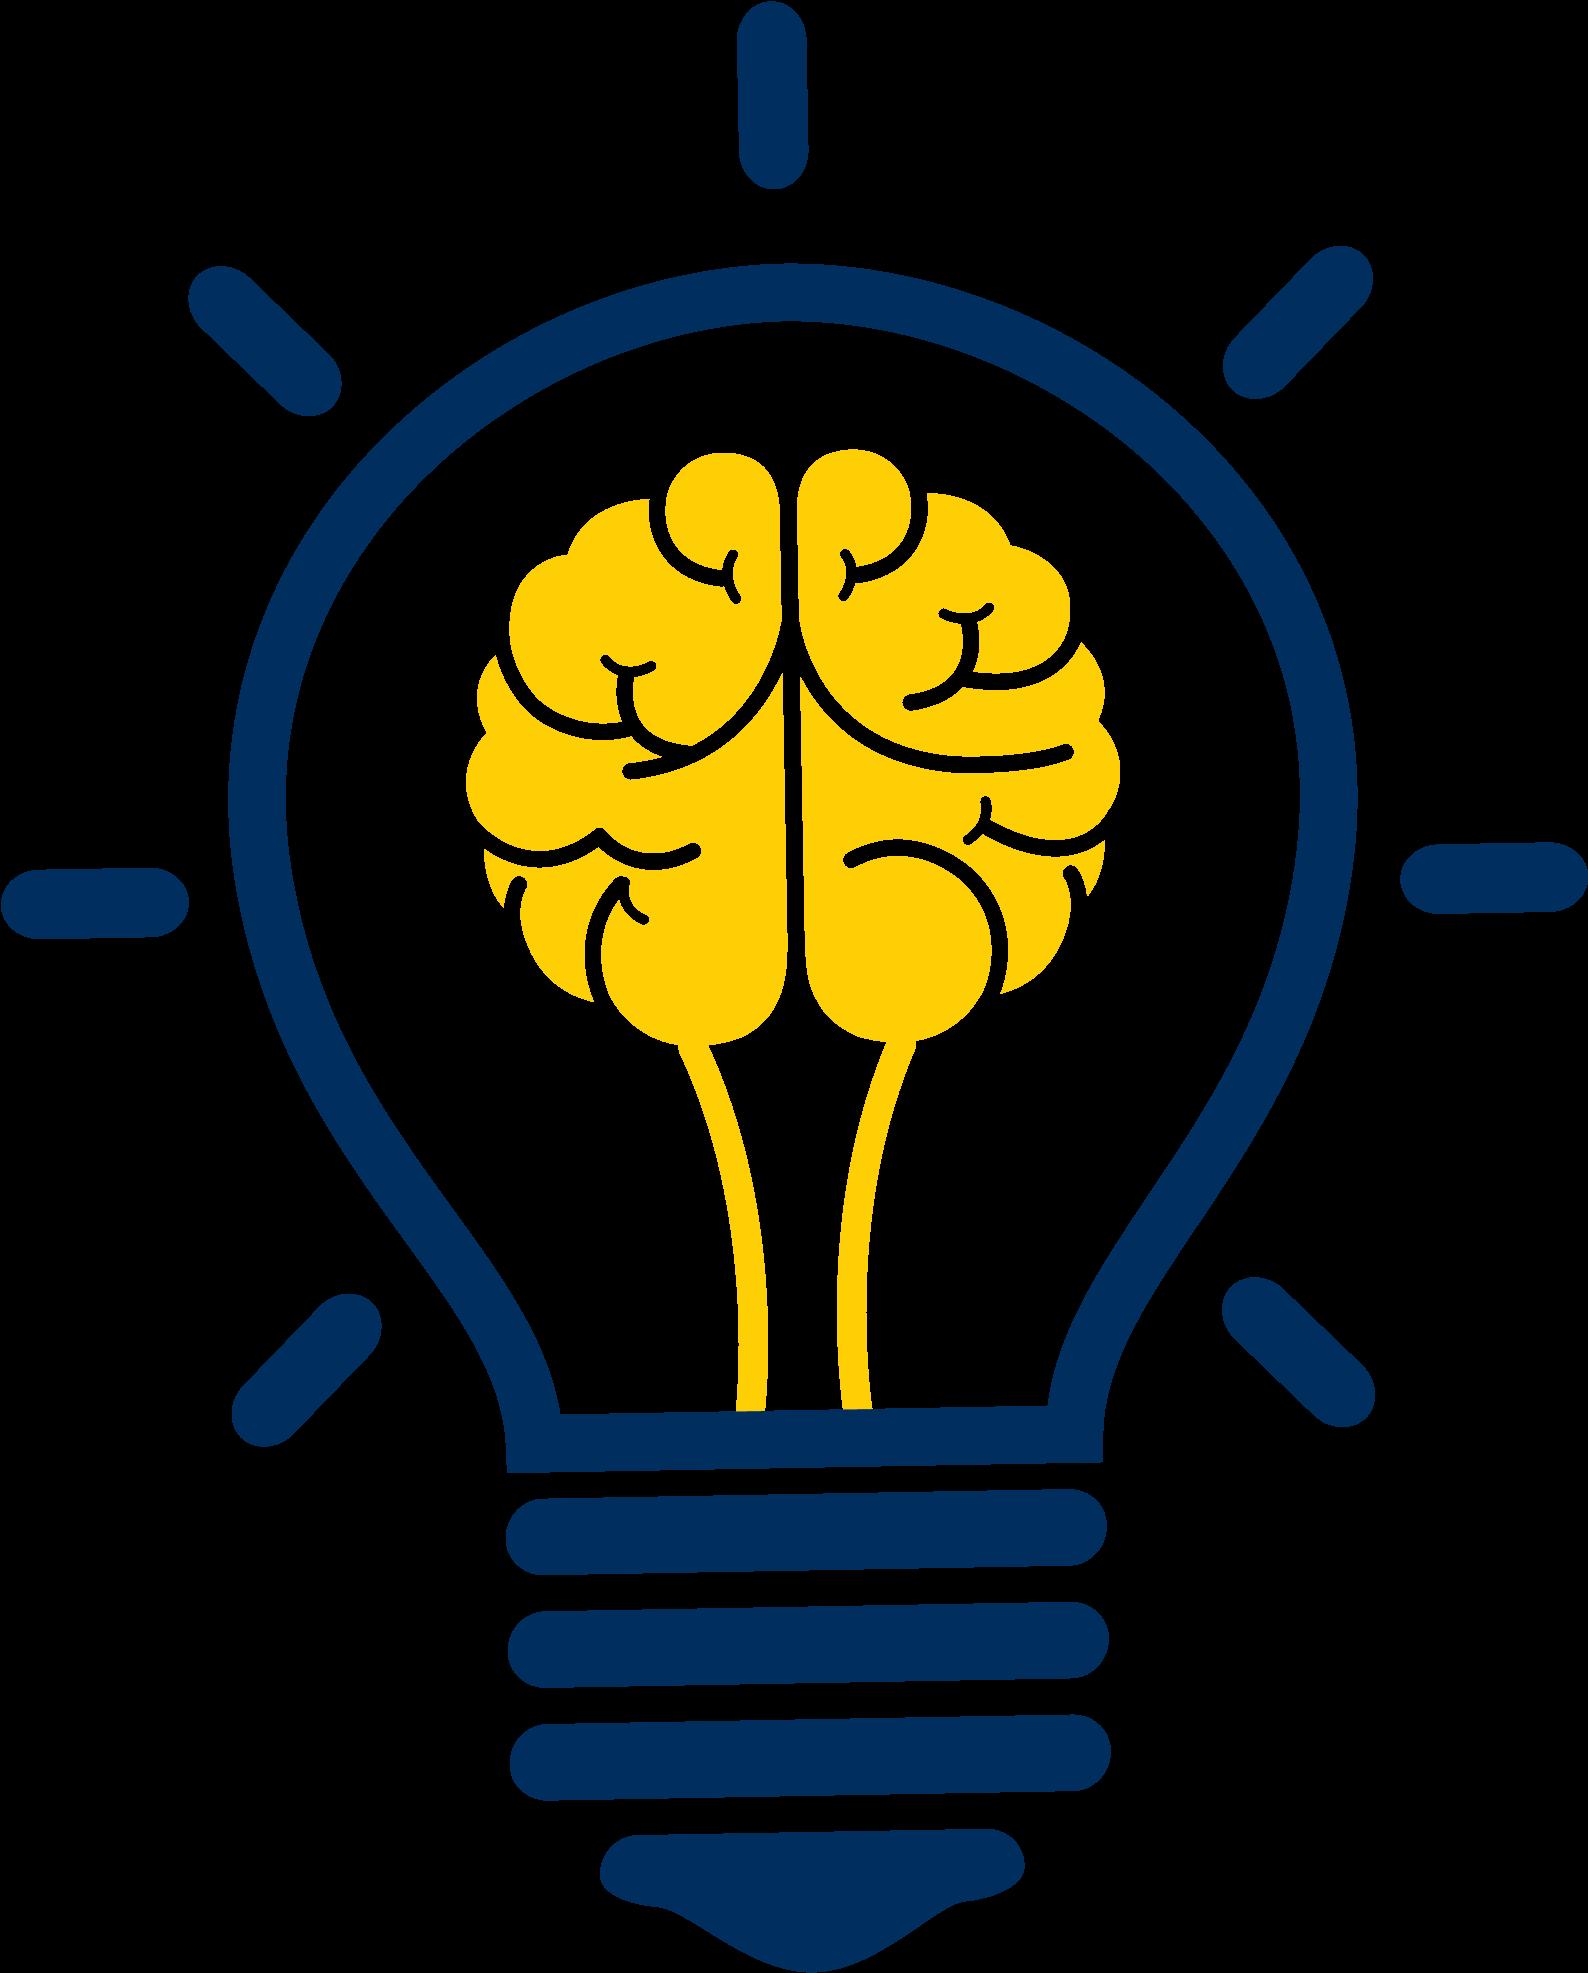 Download Continuing Education Icon - Creative Brain Idea ...